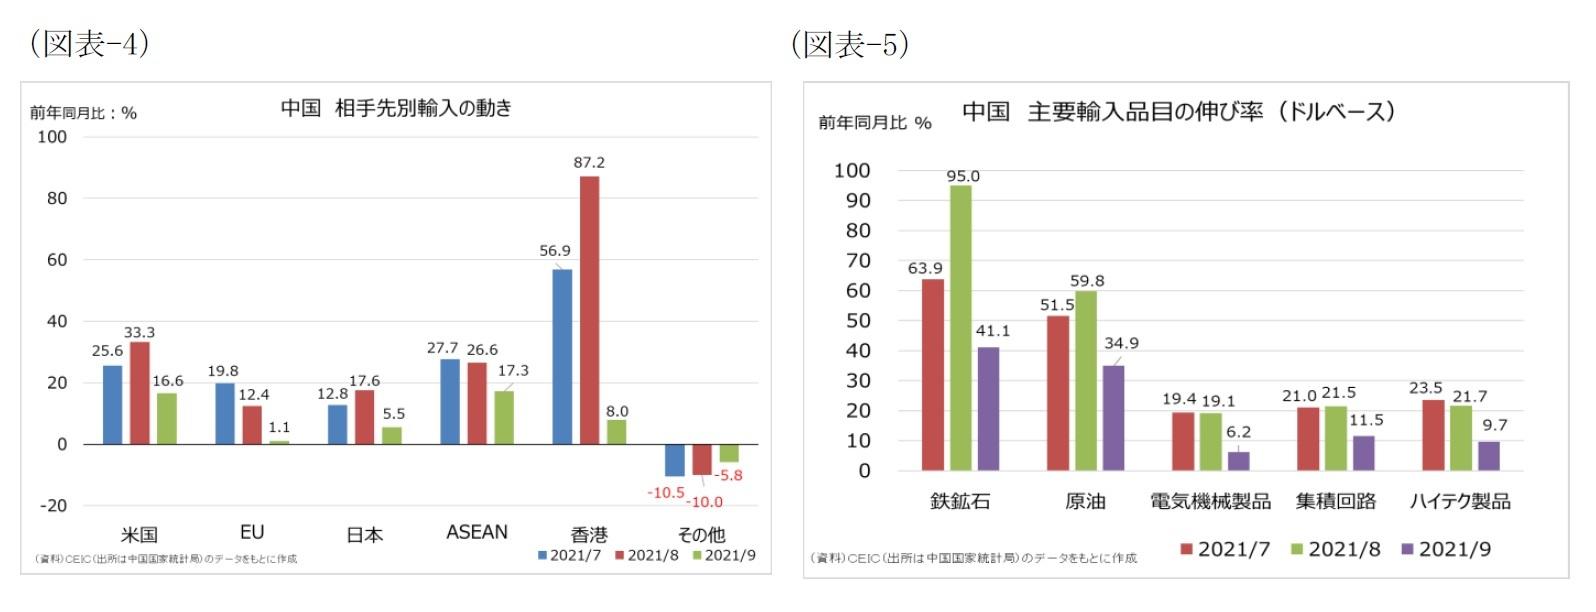 (図表-4)中国 相手先別輸入の動き/(図表-5)中国 主要輸入品目の品目の伸び率(ドルベース)